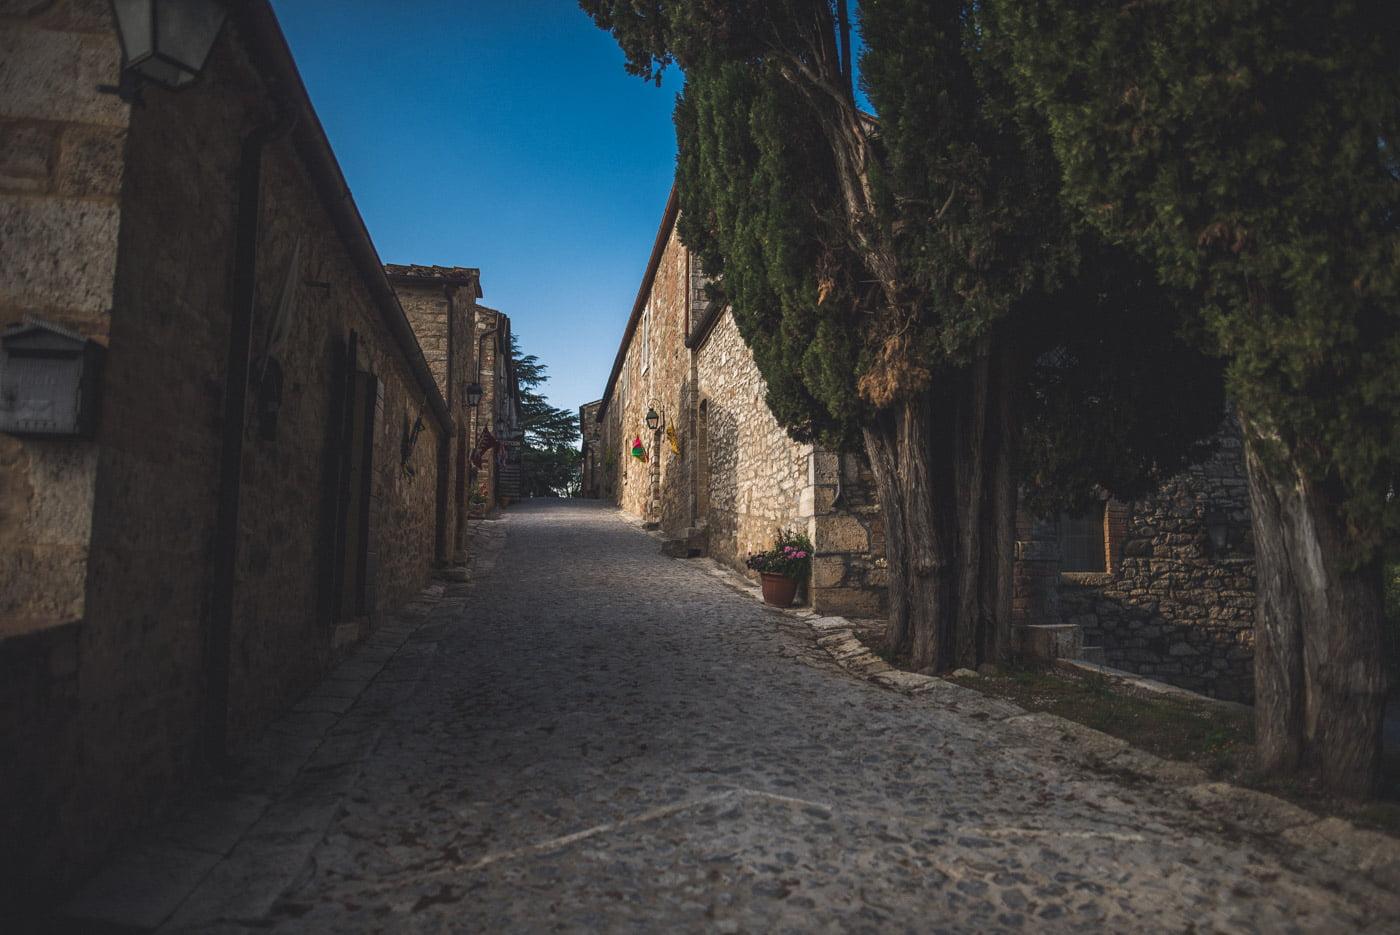 001-Engagement-Tuscany